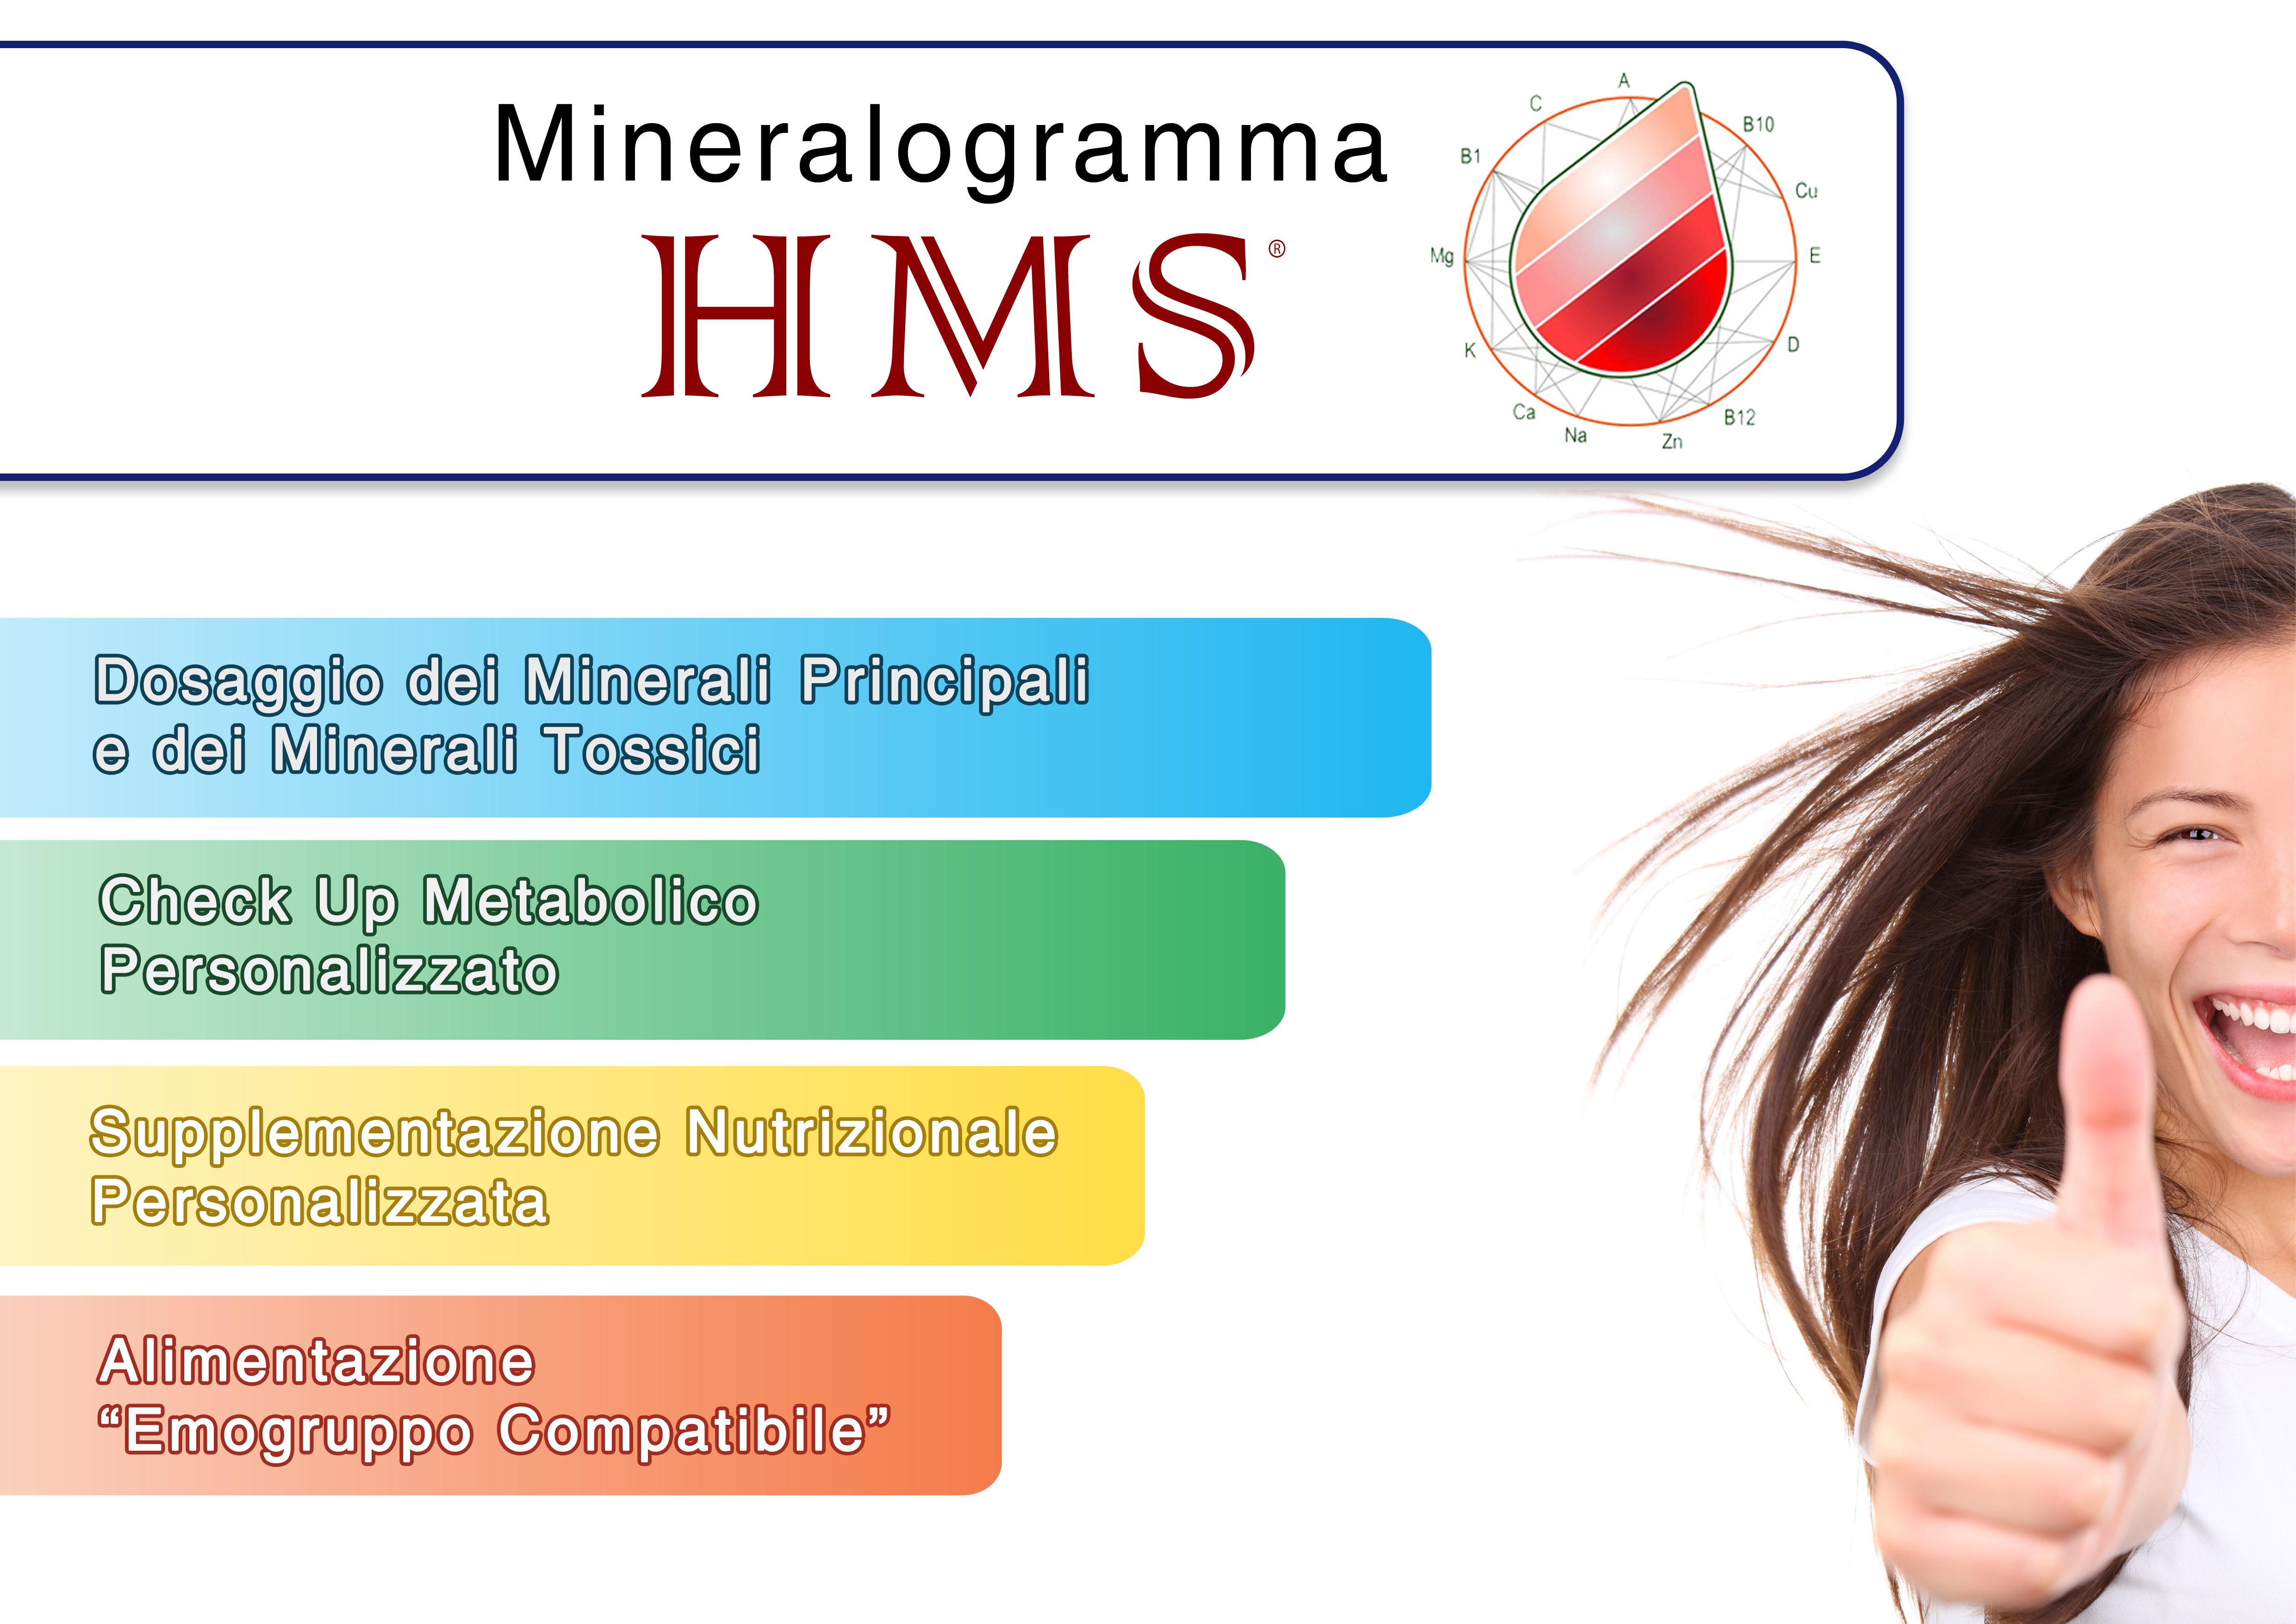 Mineralogramma del capello, scopri gli squilibri del tuo metabolismo